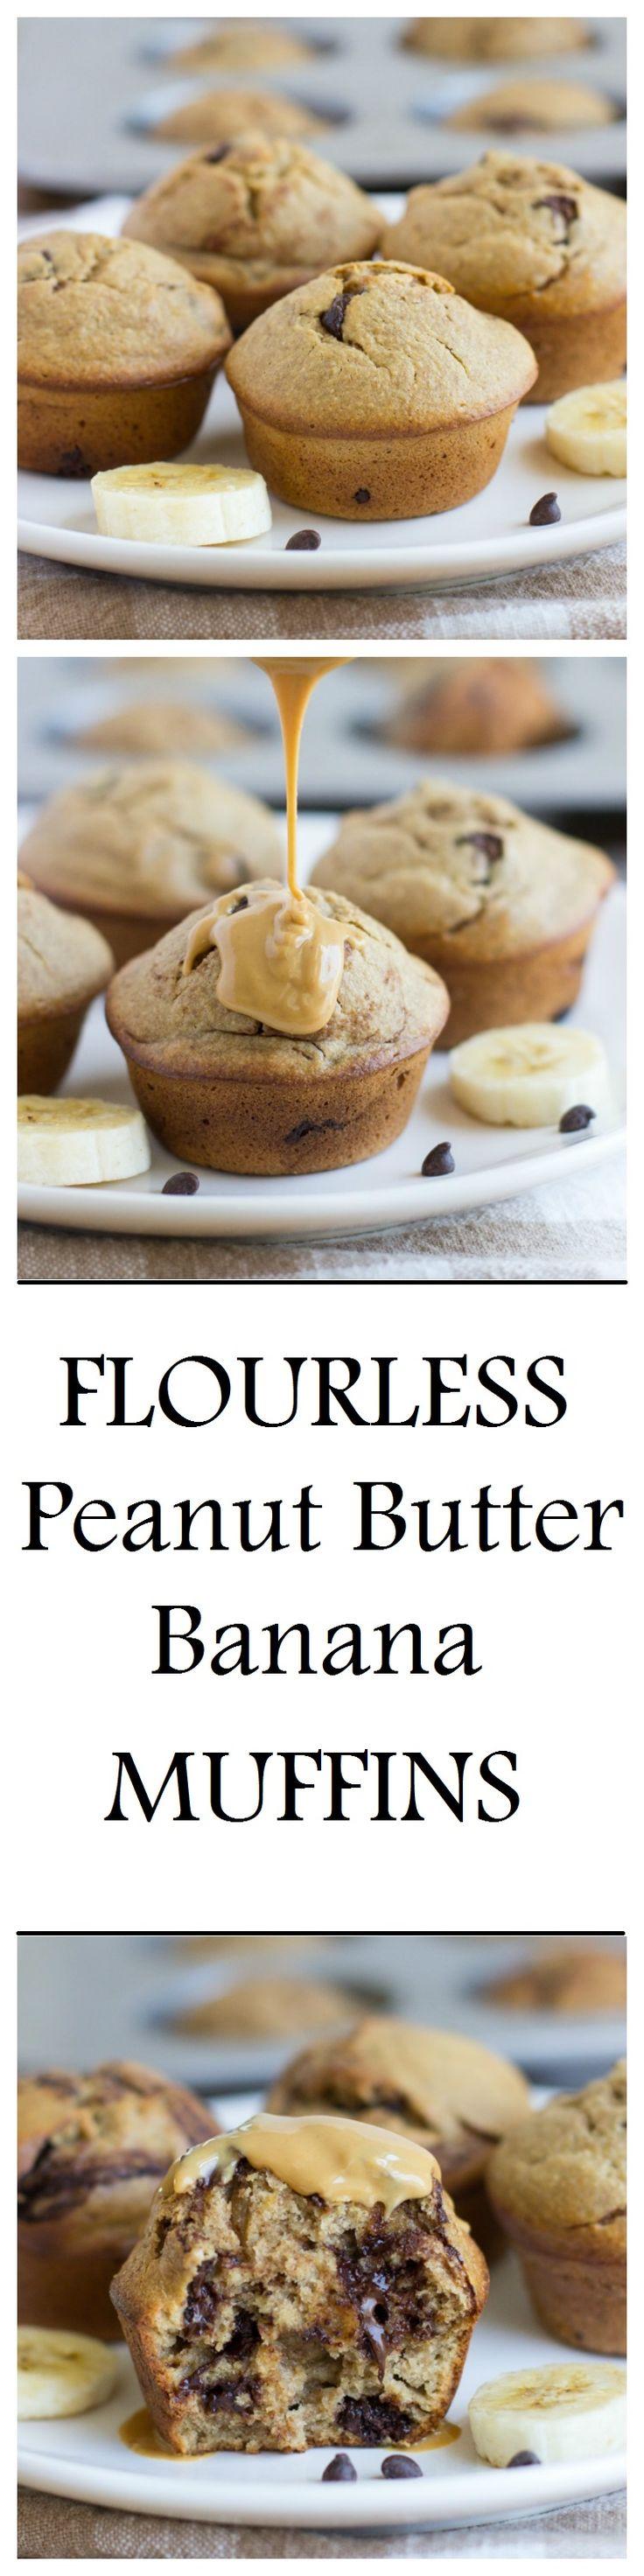 Flourless Peanut Butter Banana Muffins | Natural peanut ...